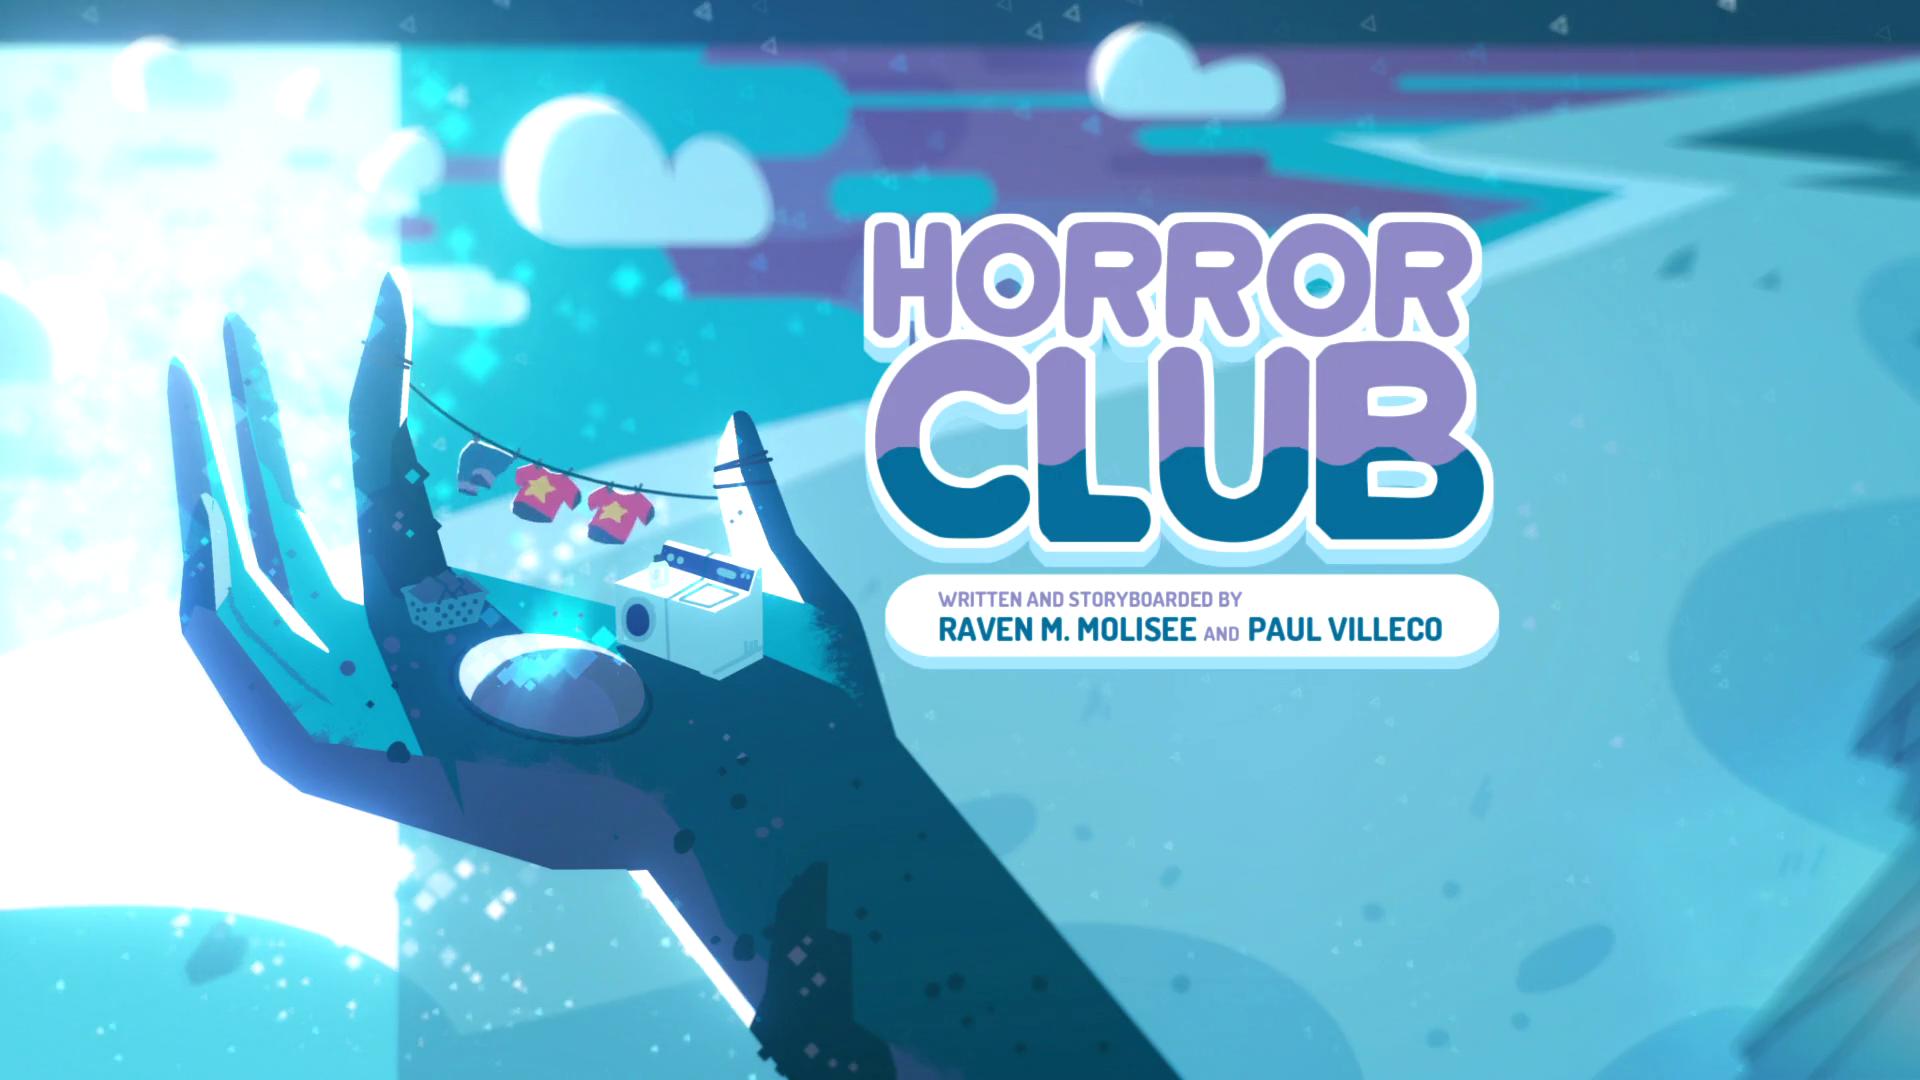 Horror Club/Gallery